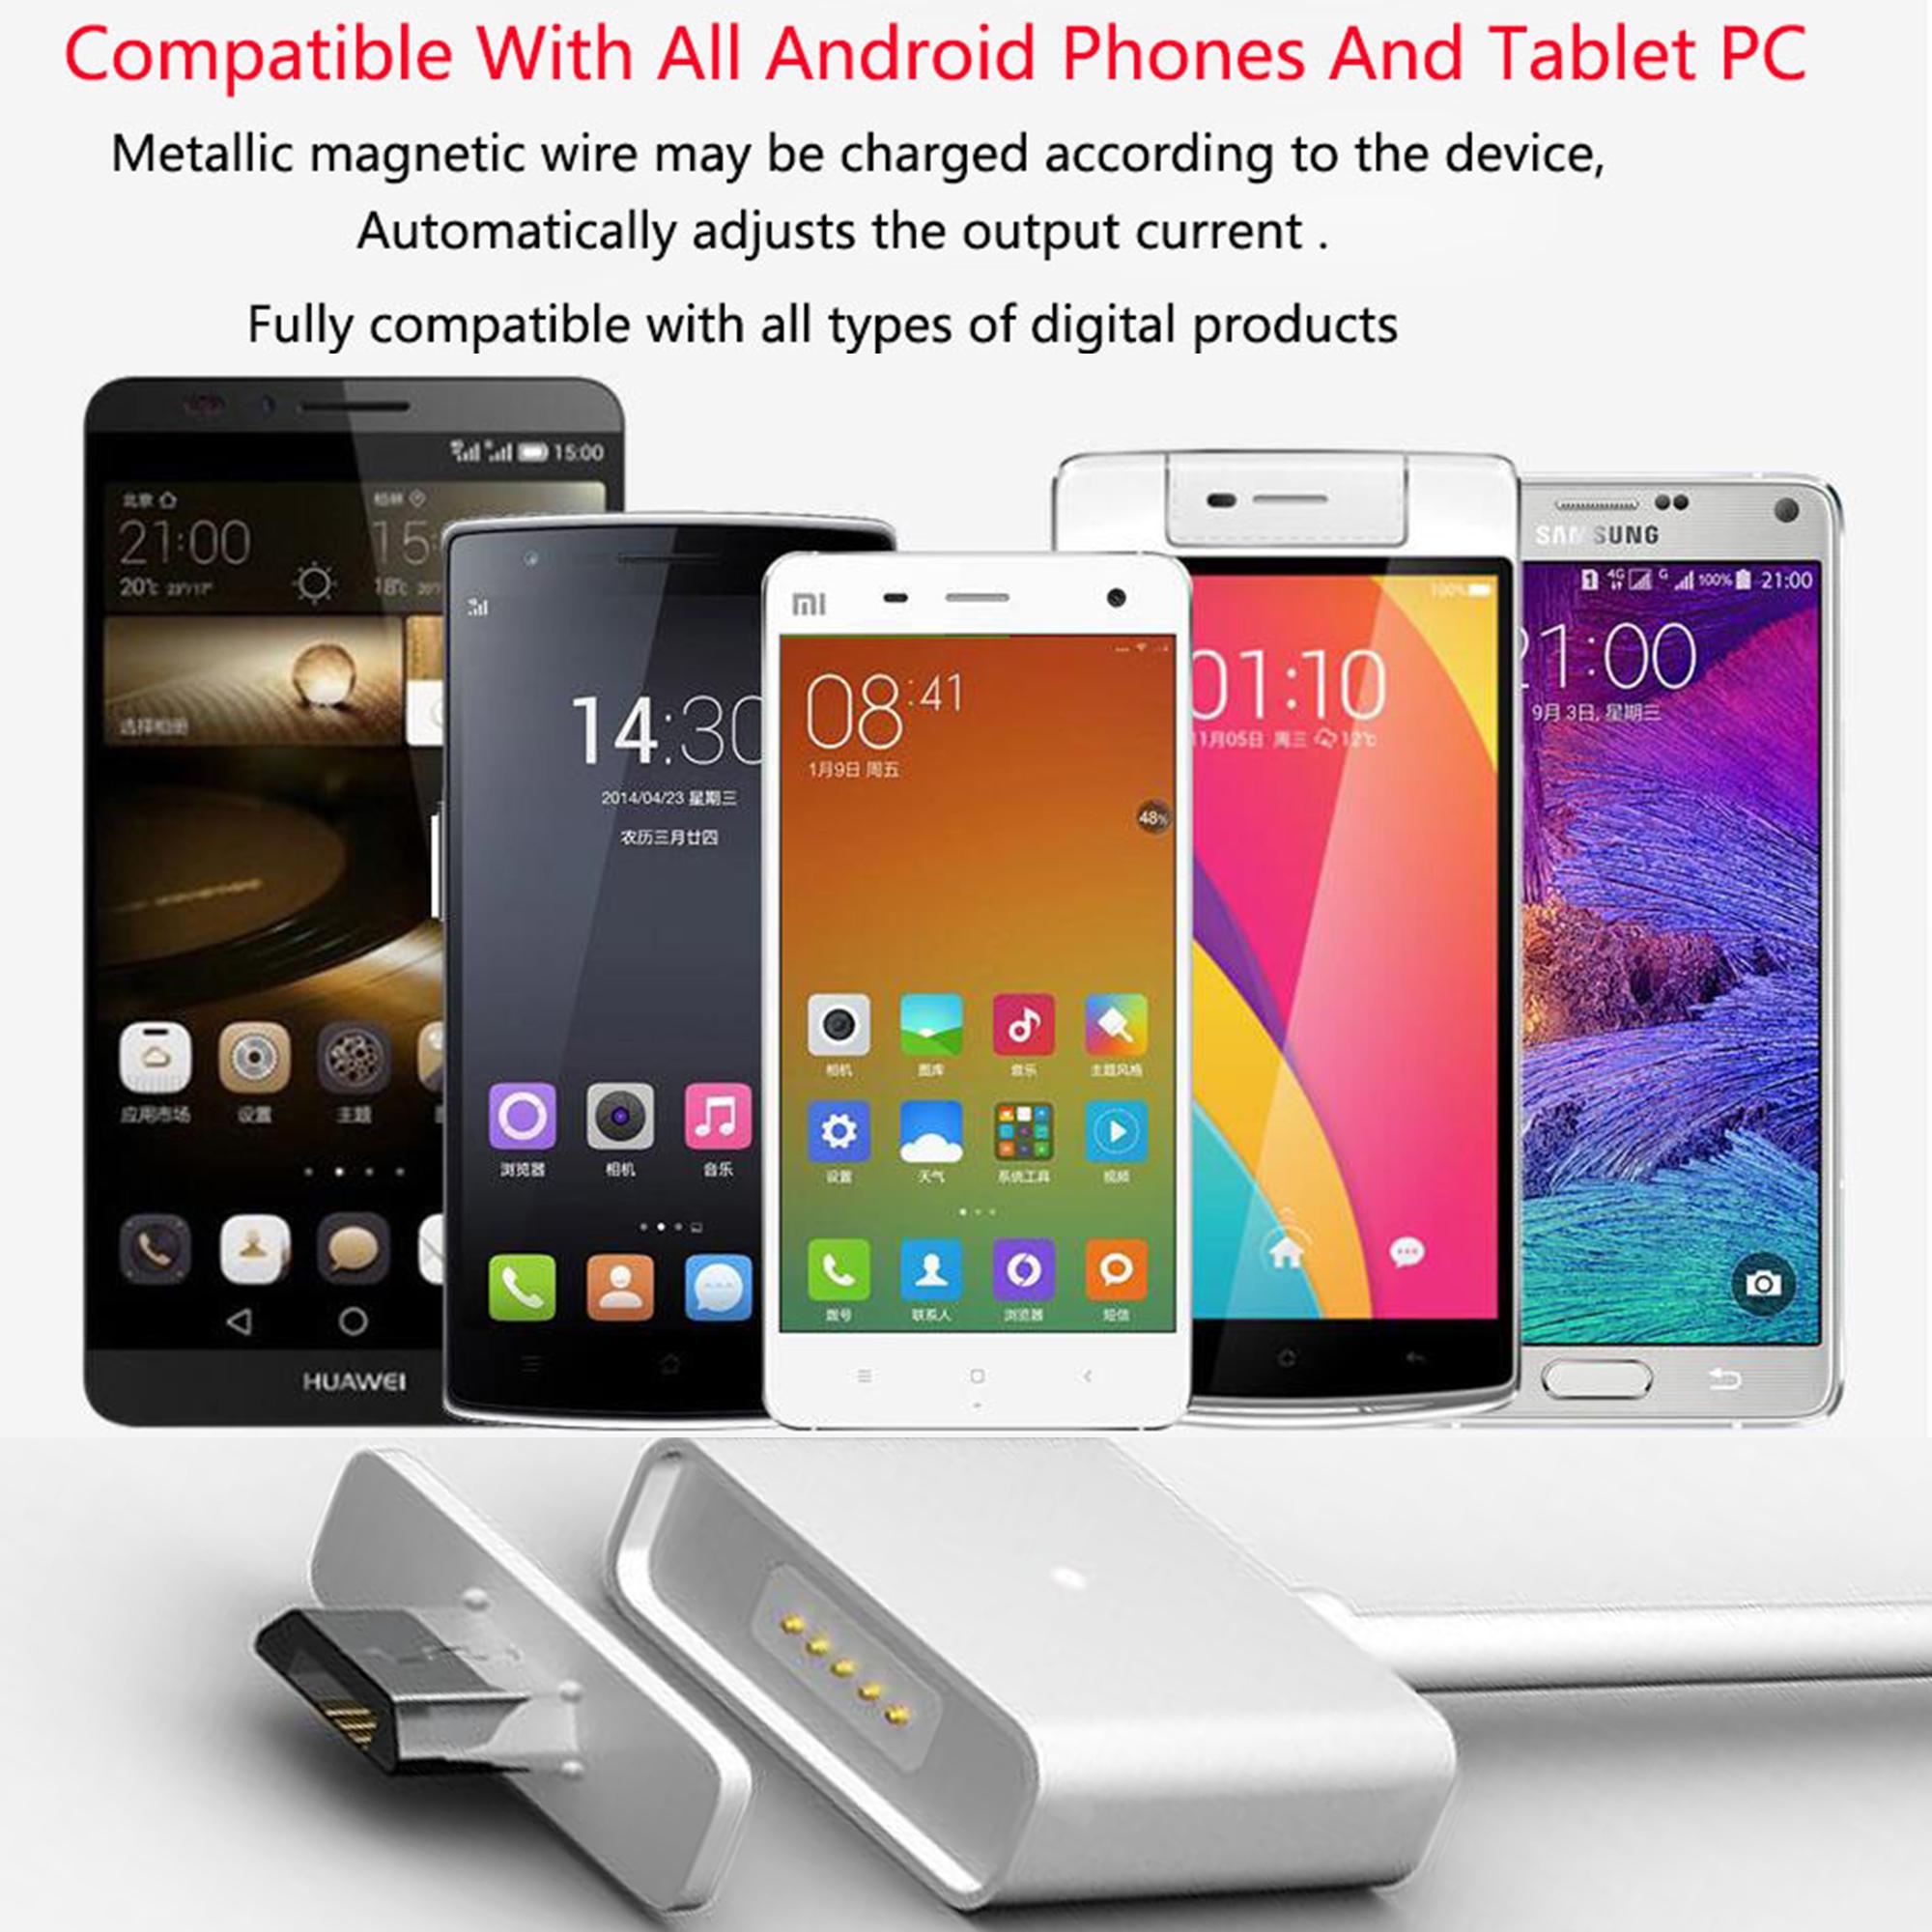 ที่ชาร์จมือถือแท็บเล็ตแถบแม่เหล็กถนอมช่องเสียบ Micro USB Charger Magnetic cable For Universal Android